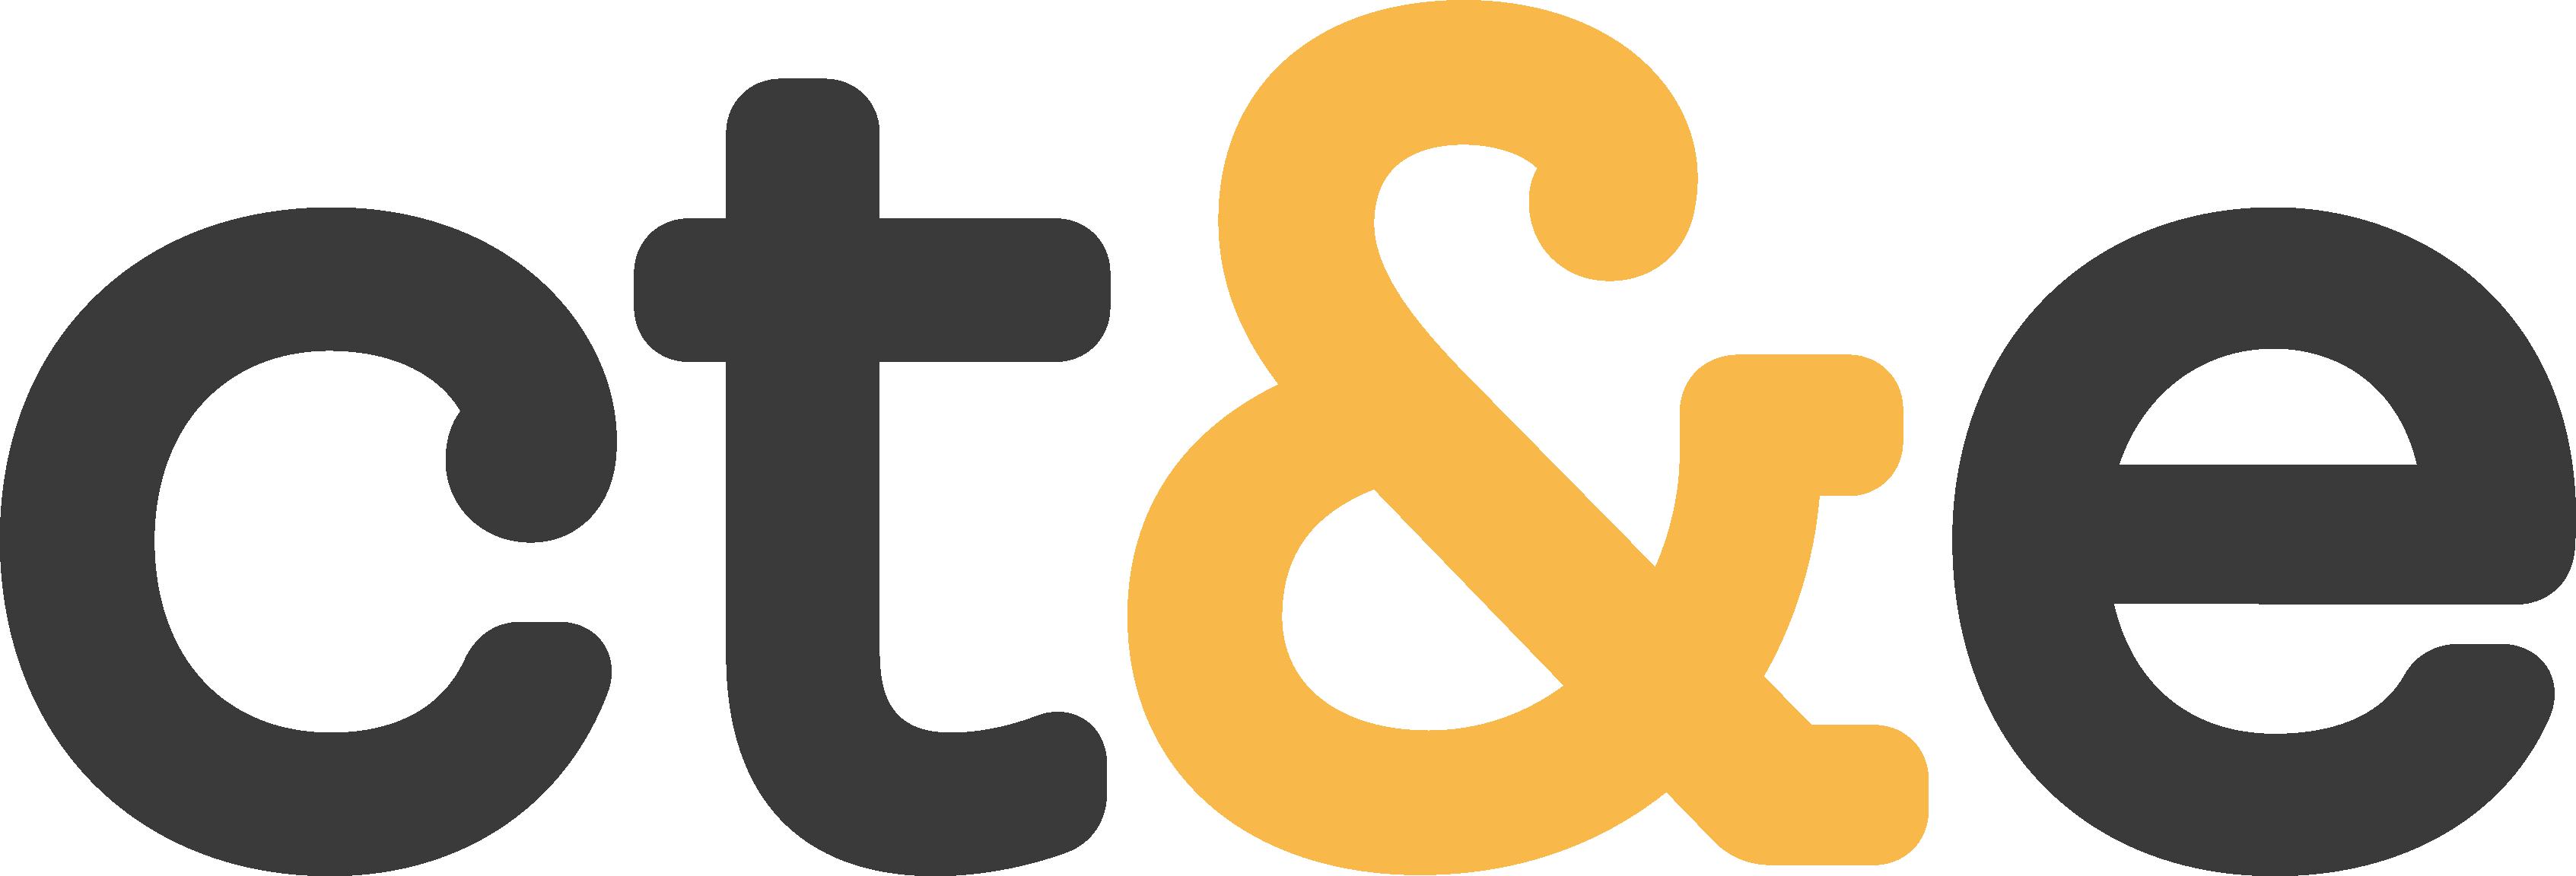 CE&T - Centro de Treinamento e Estudo